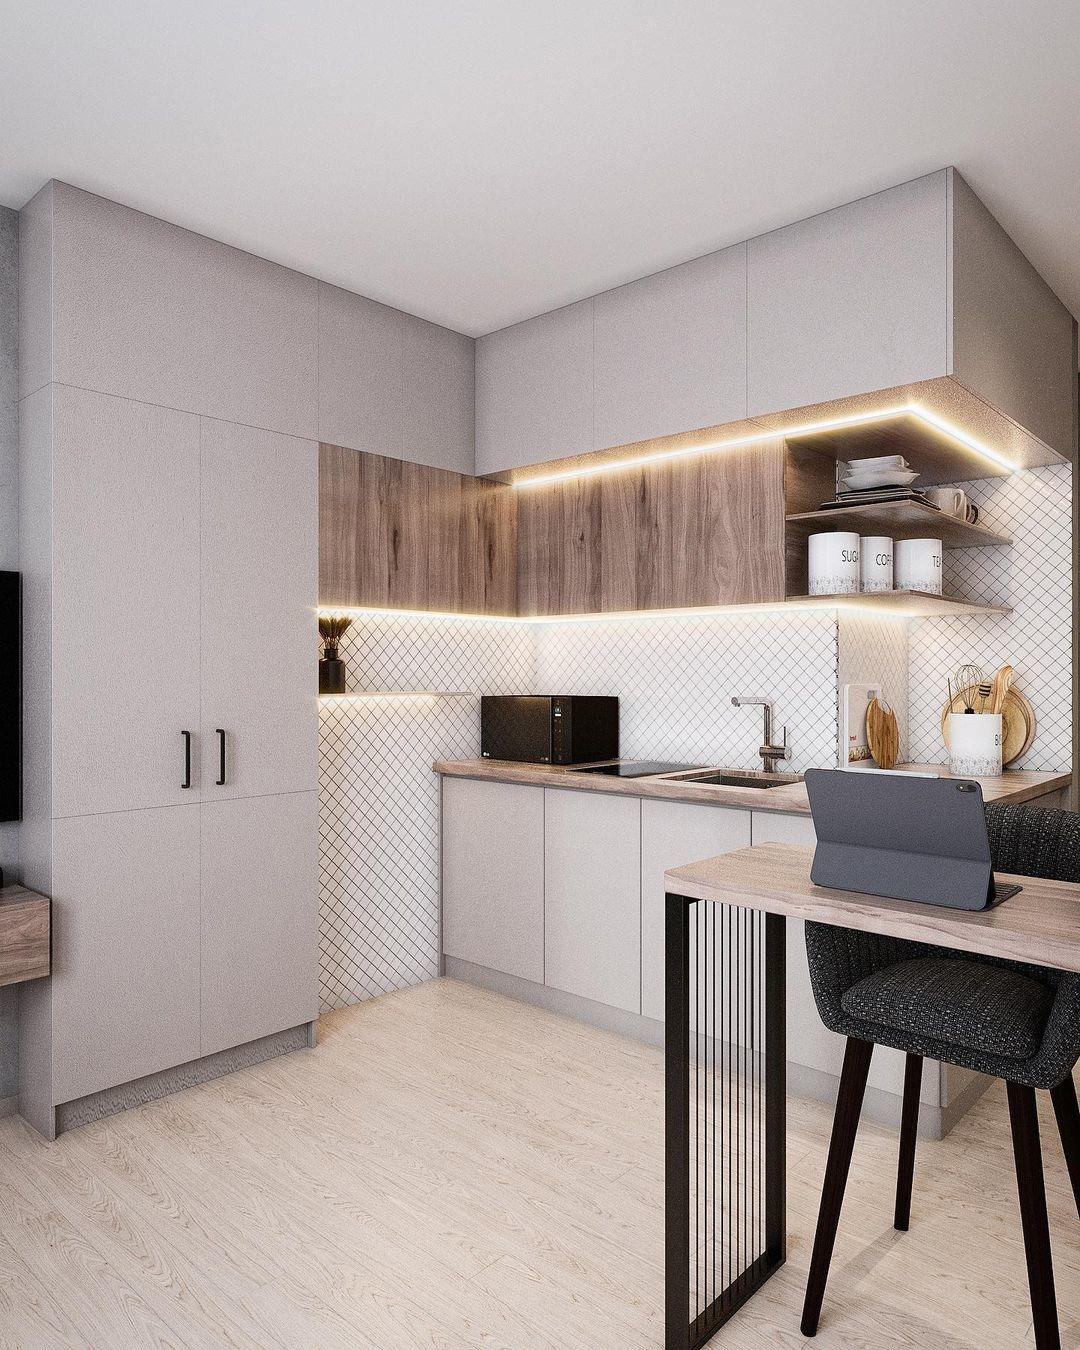 Проект маленькой квартиры-студии 18,5 кв.